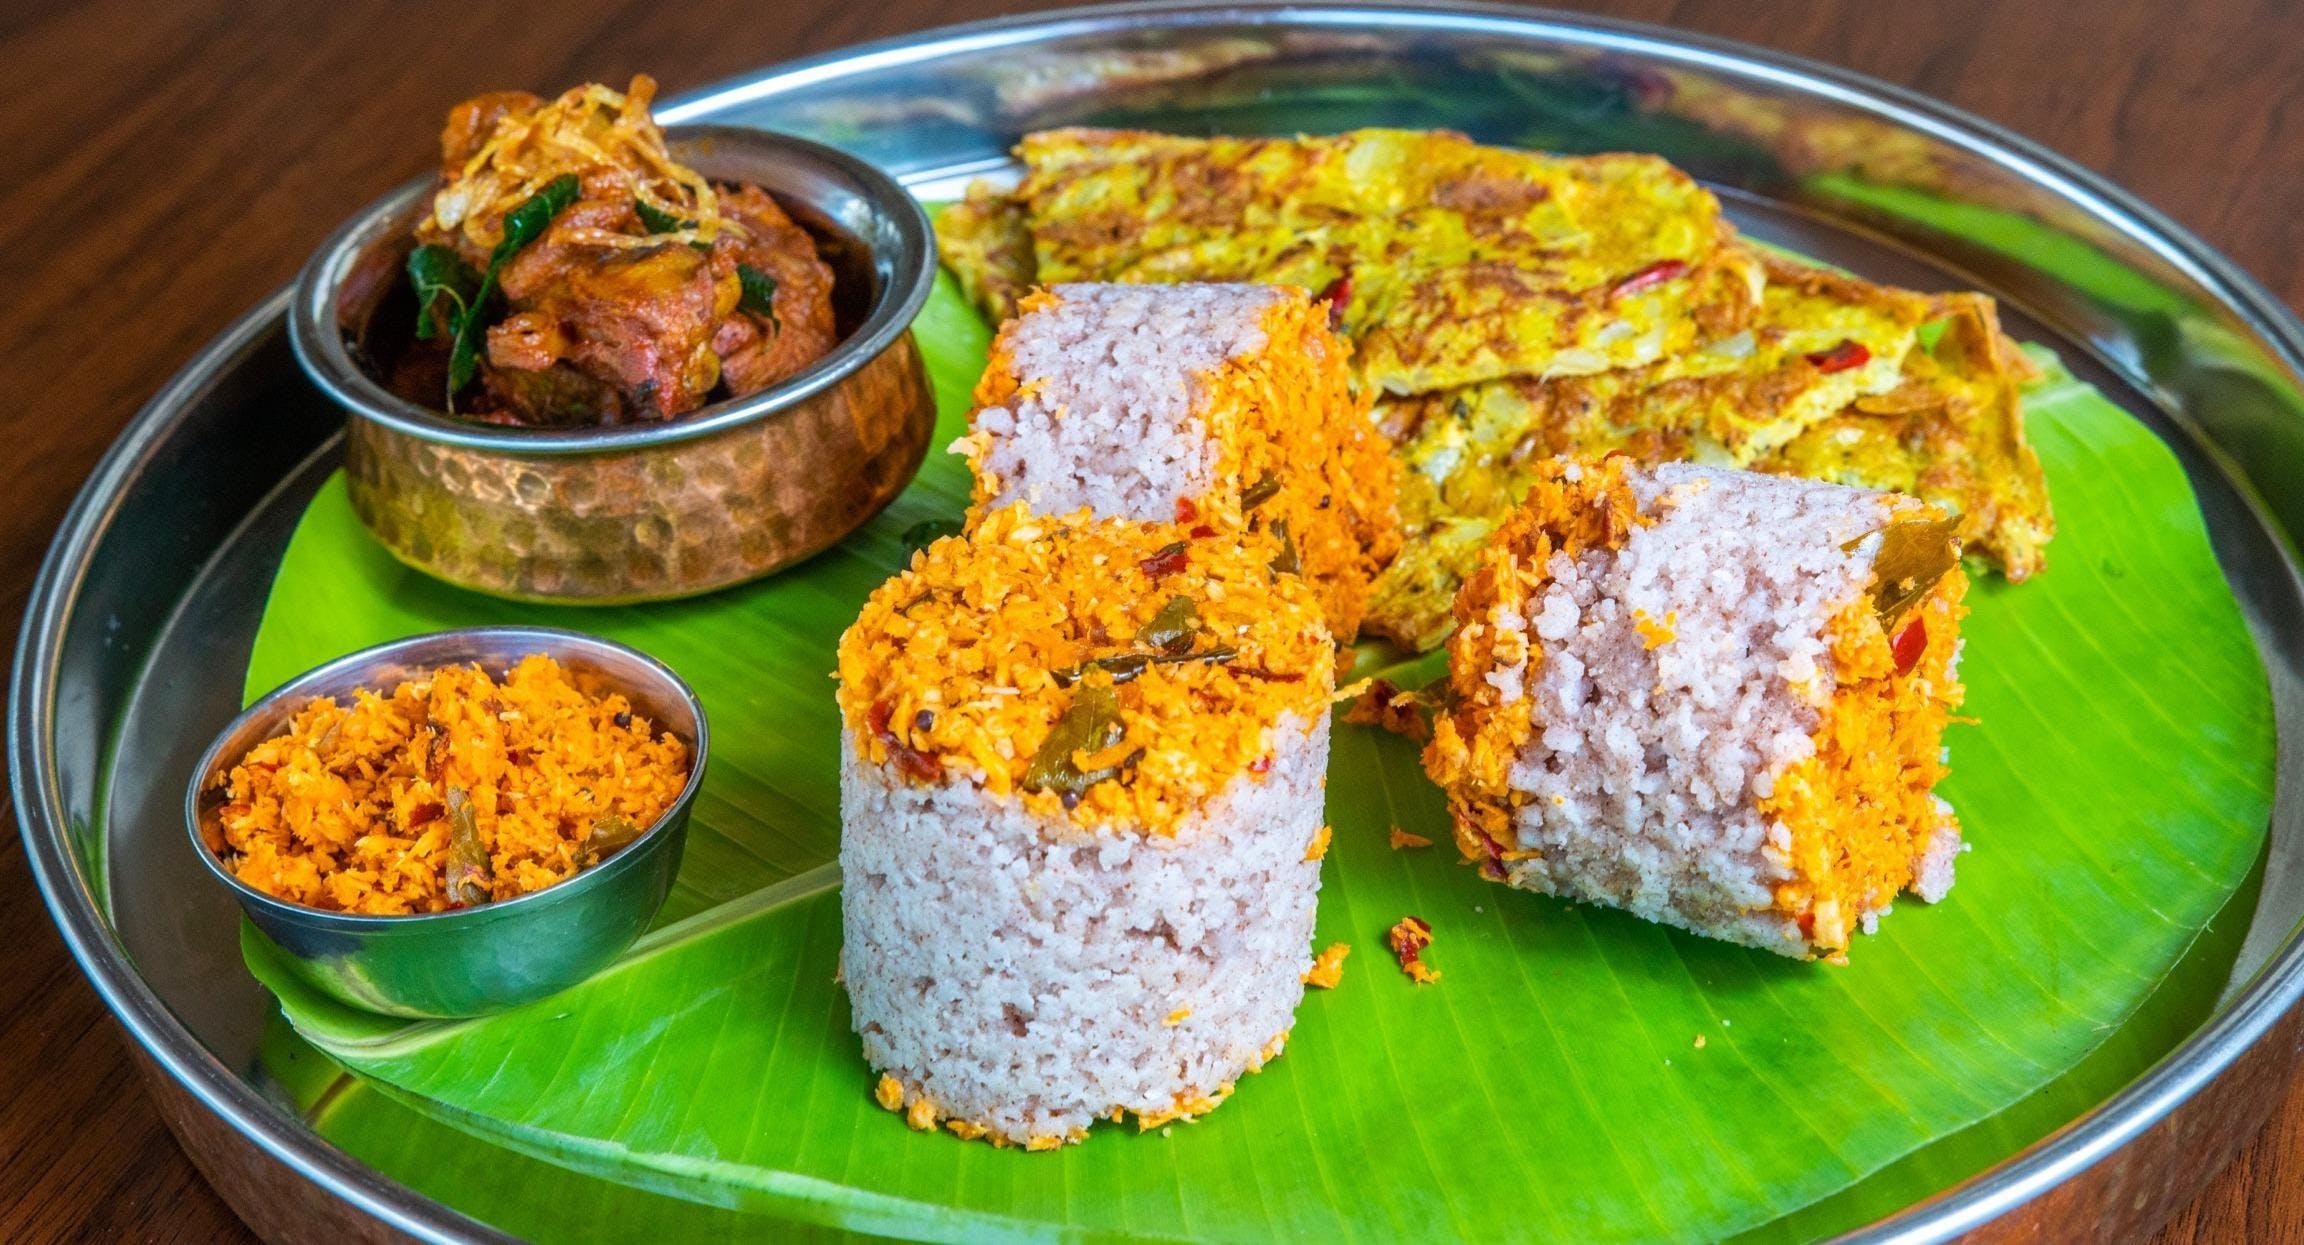 Virundhu Street Kitchen